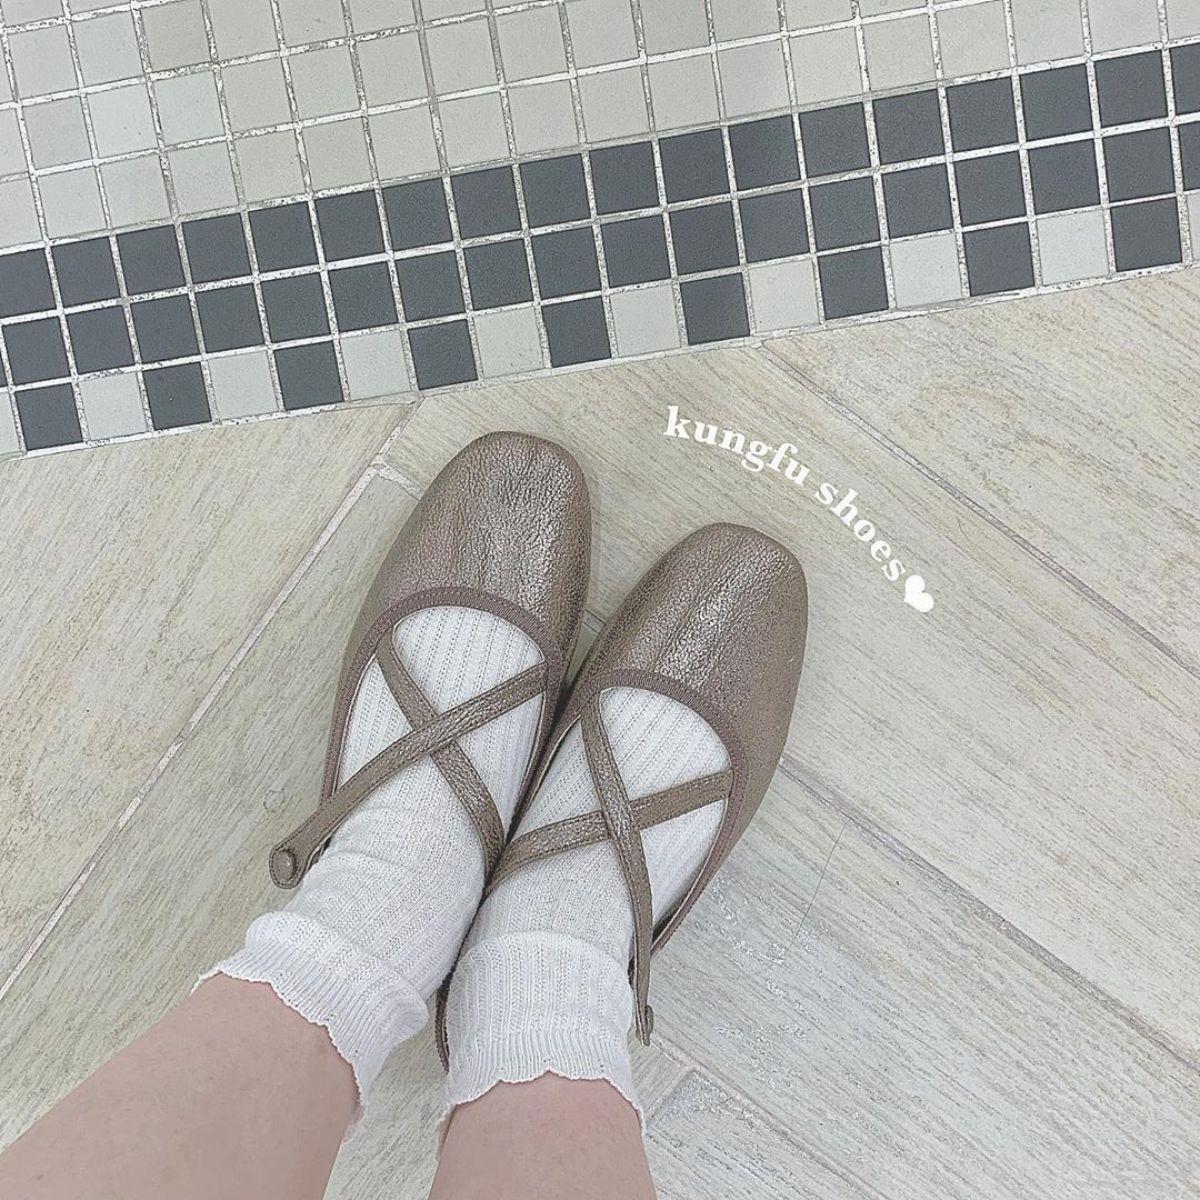 ナイスクラップの「カンフーシューズ」が発売早々大人気♡履きやすさとかわいさに虜になる人が続出中なんです…